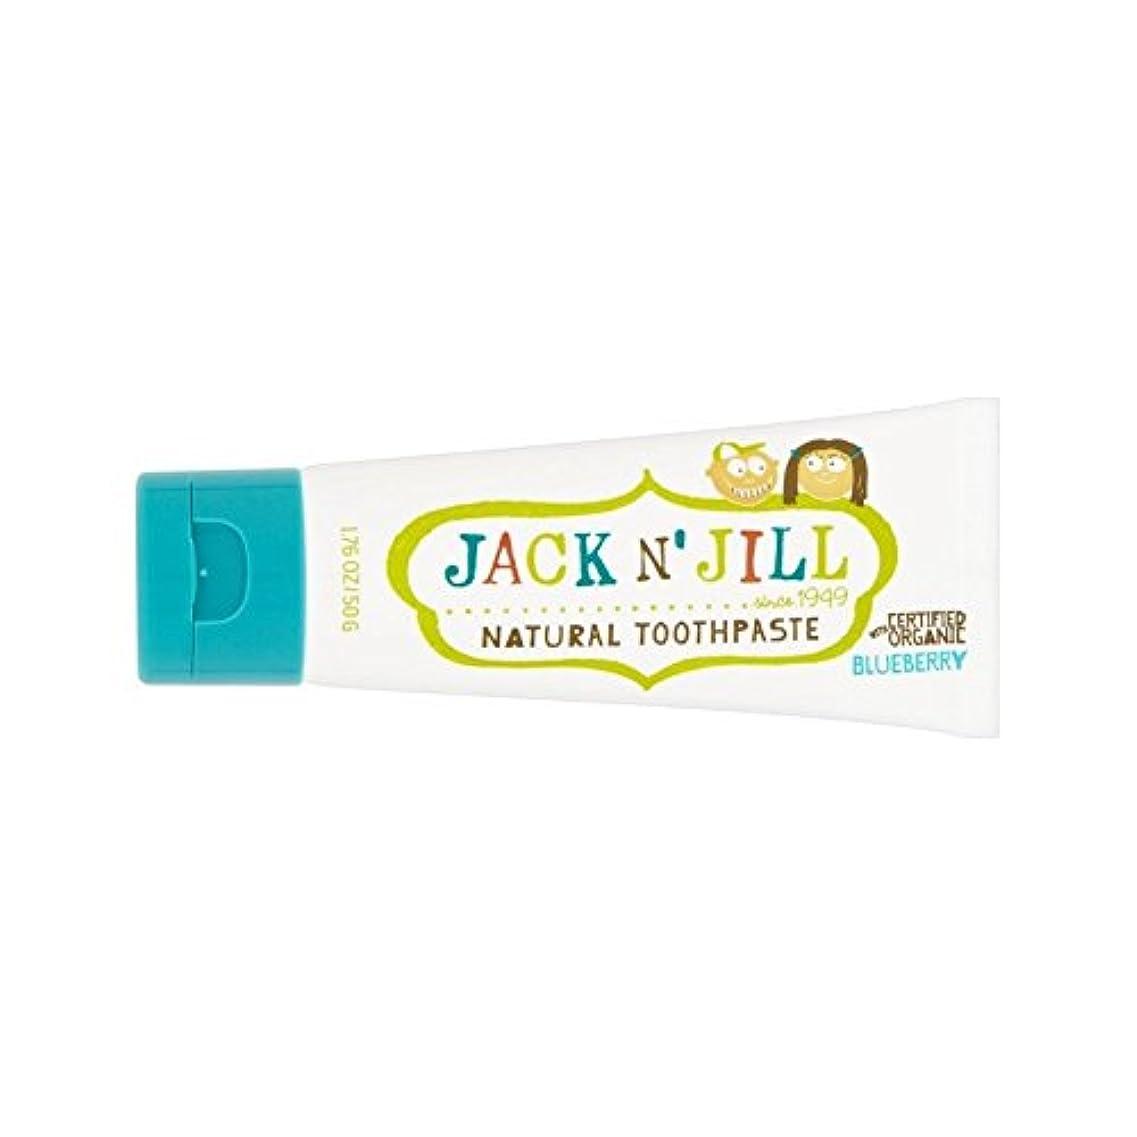 オークション知るグレー有機香味50グラムとの自然なブルーベリー歯磨き粉 (Jack N Jill) (x 2) - Jack N' Jill Blueberry Toothpaste Natural with Organic Flavouring...